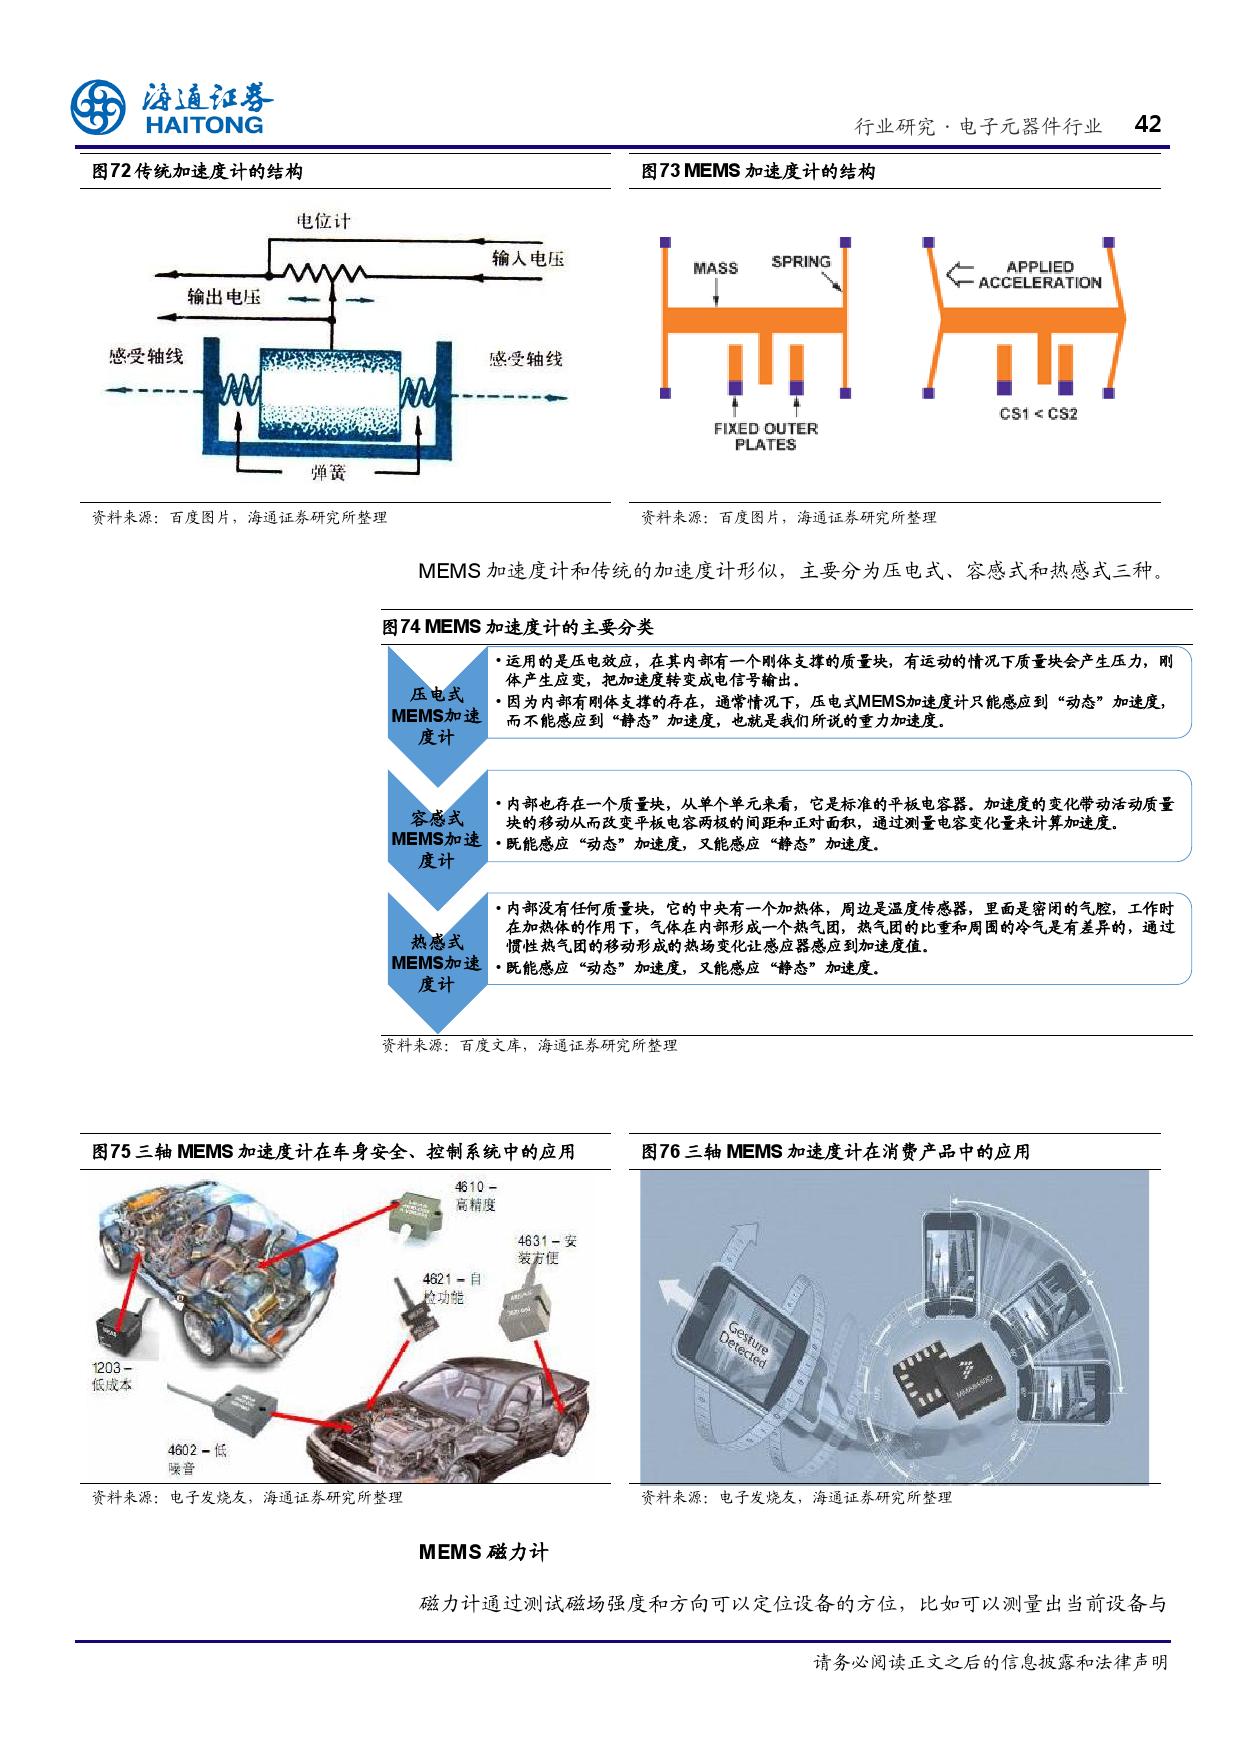 报告全解传感器全球产业链_000042